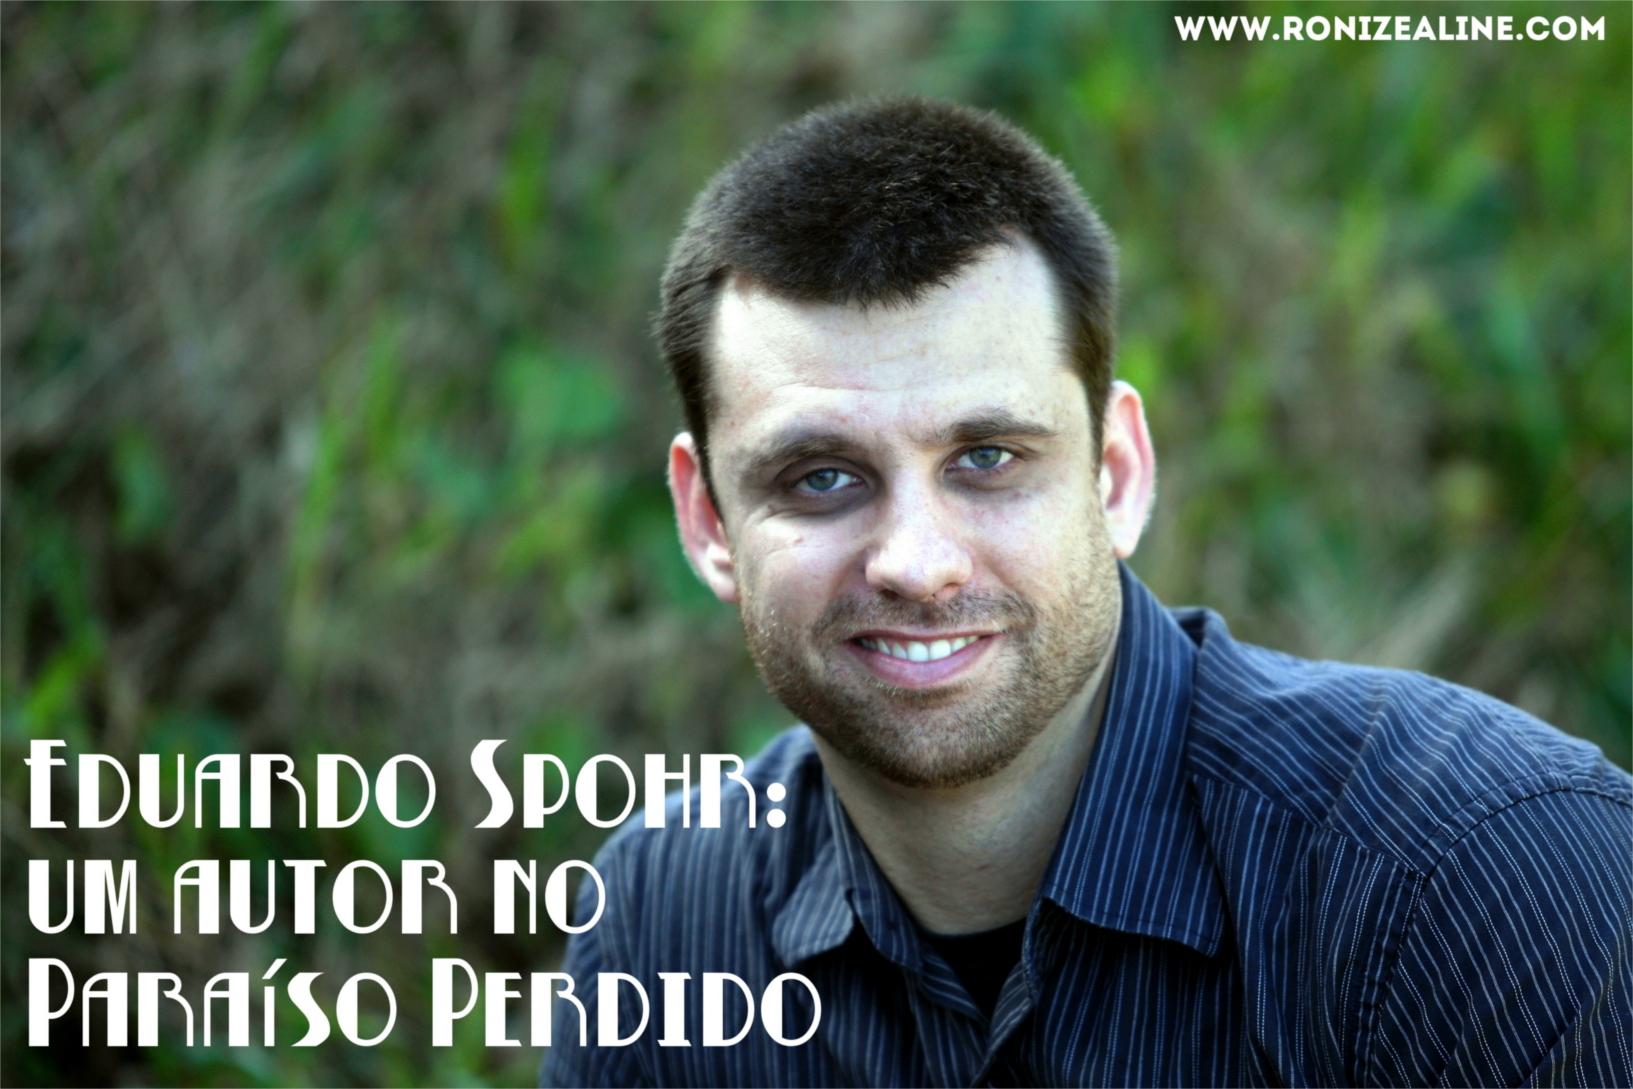 Eduardo Spohr: um autor no Paraíso Perdido